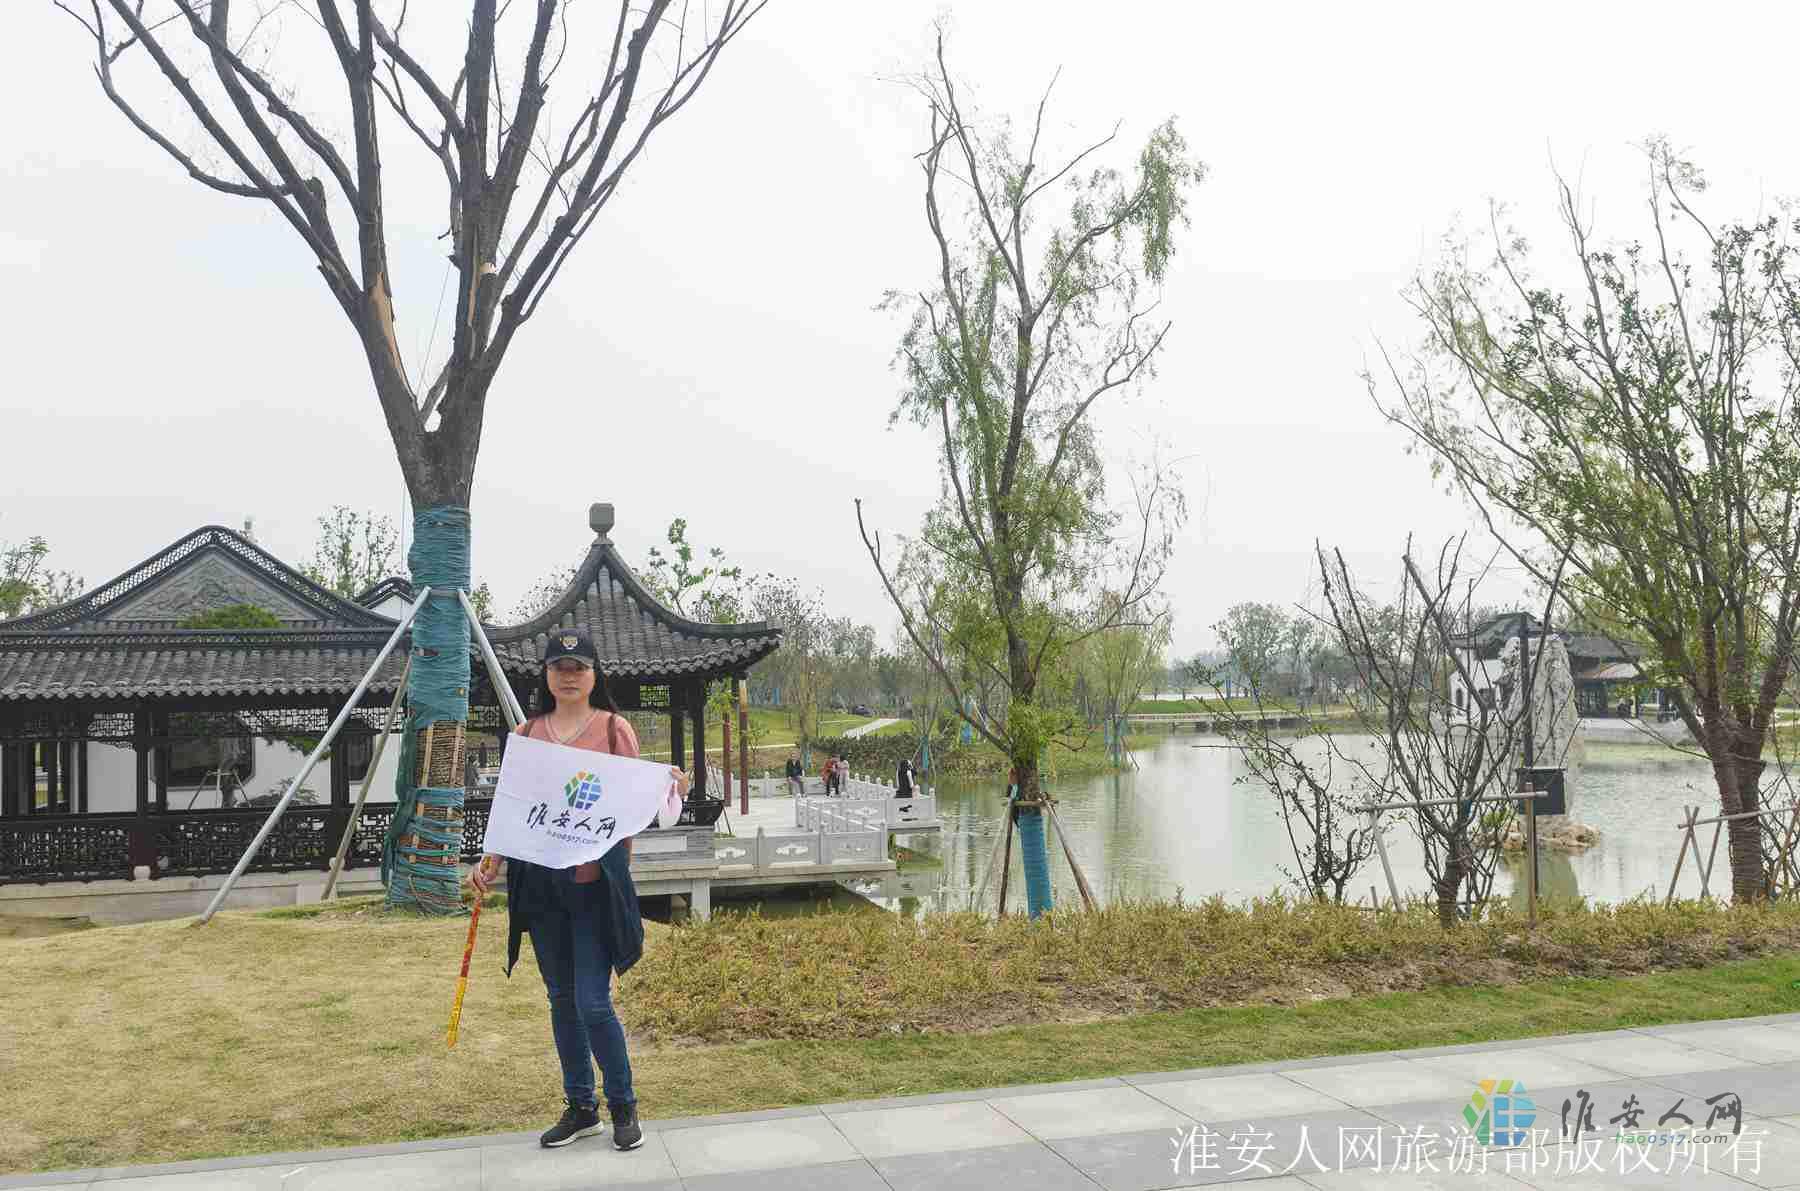 扬州一日游-9.jpg